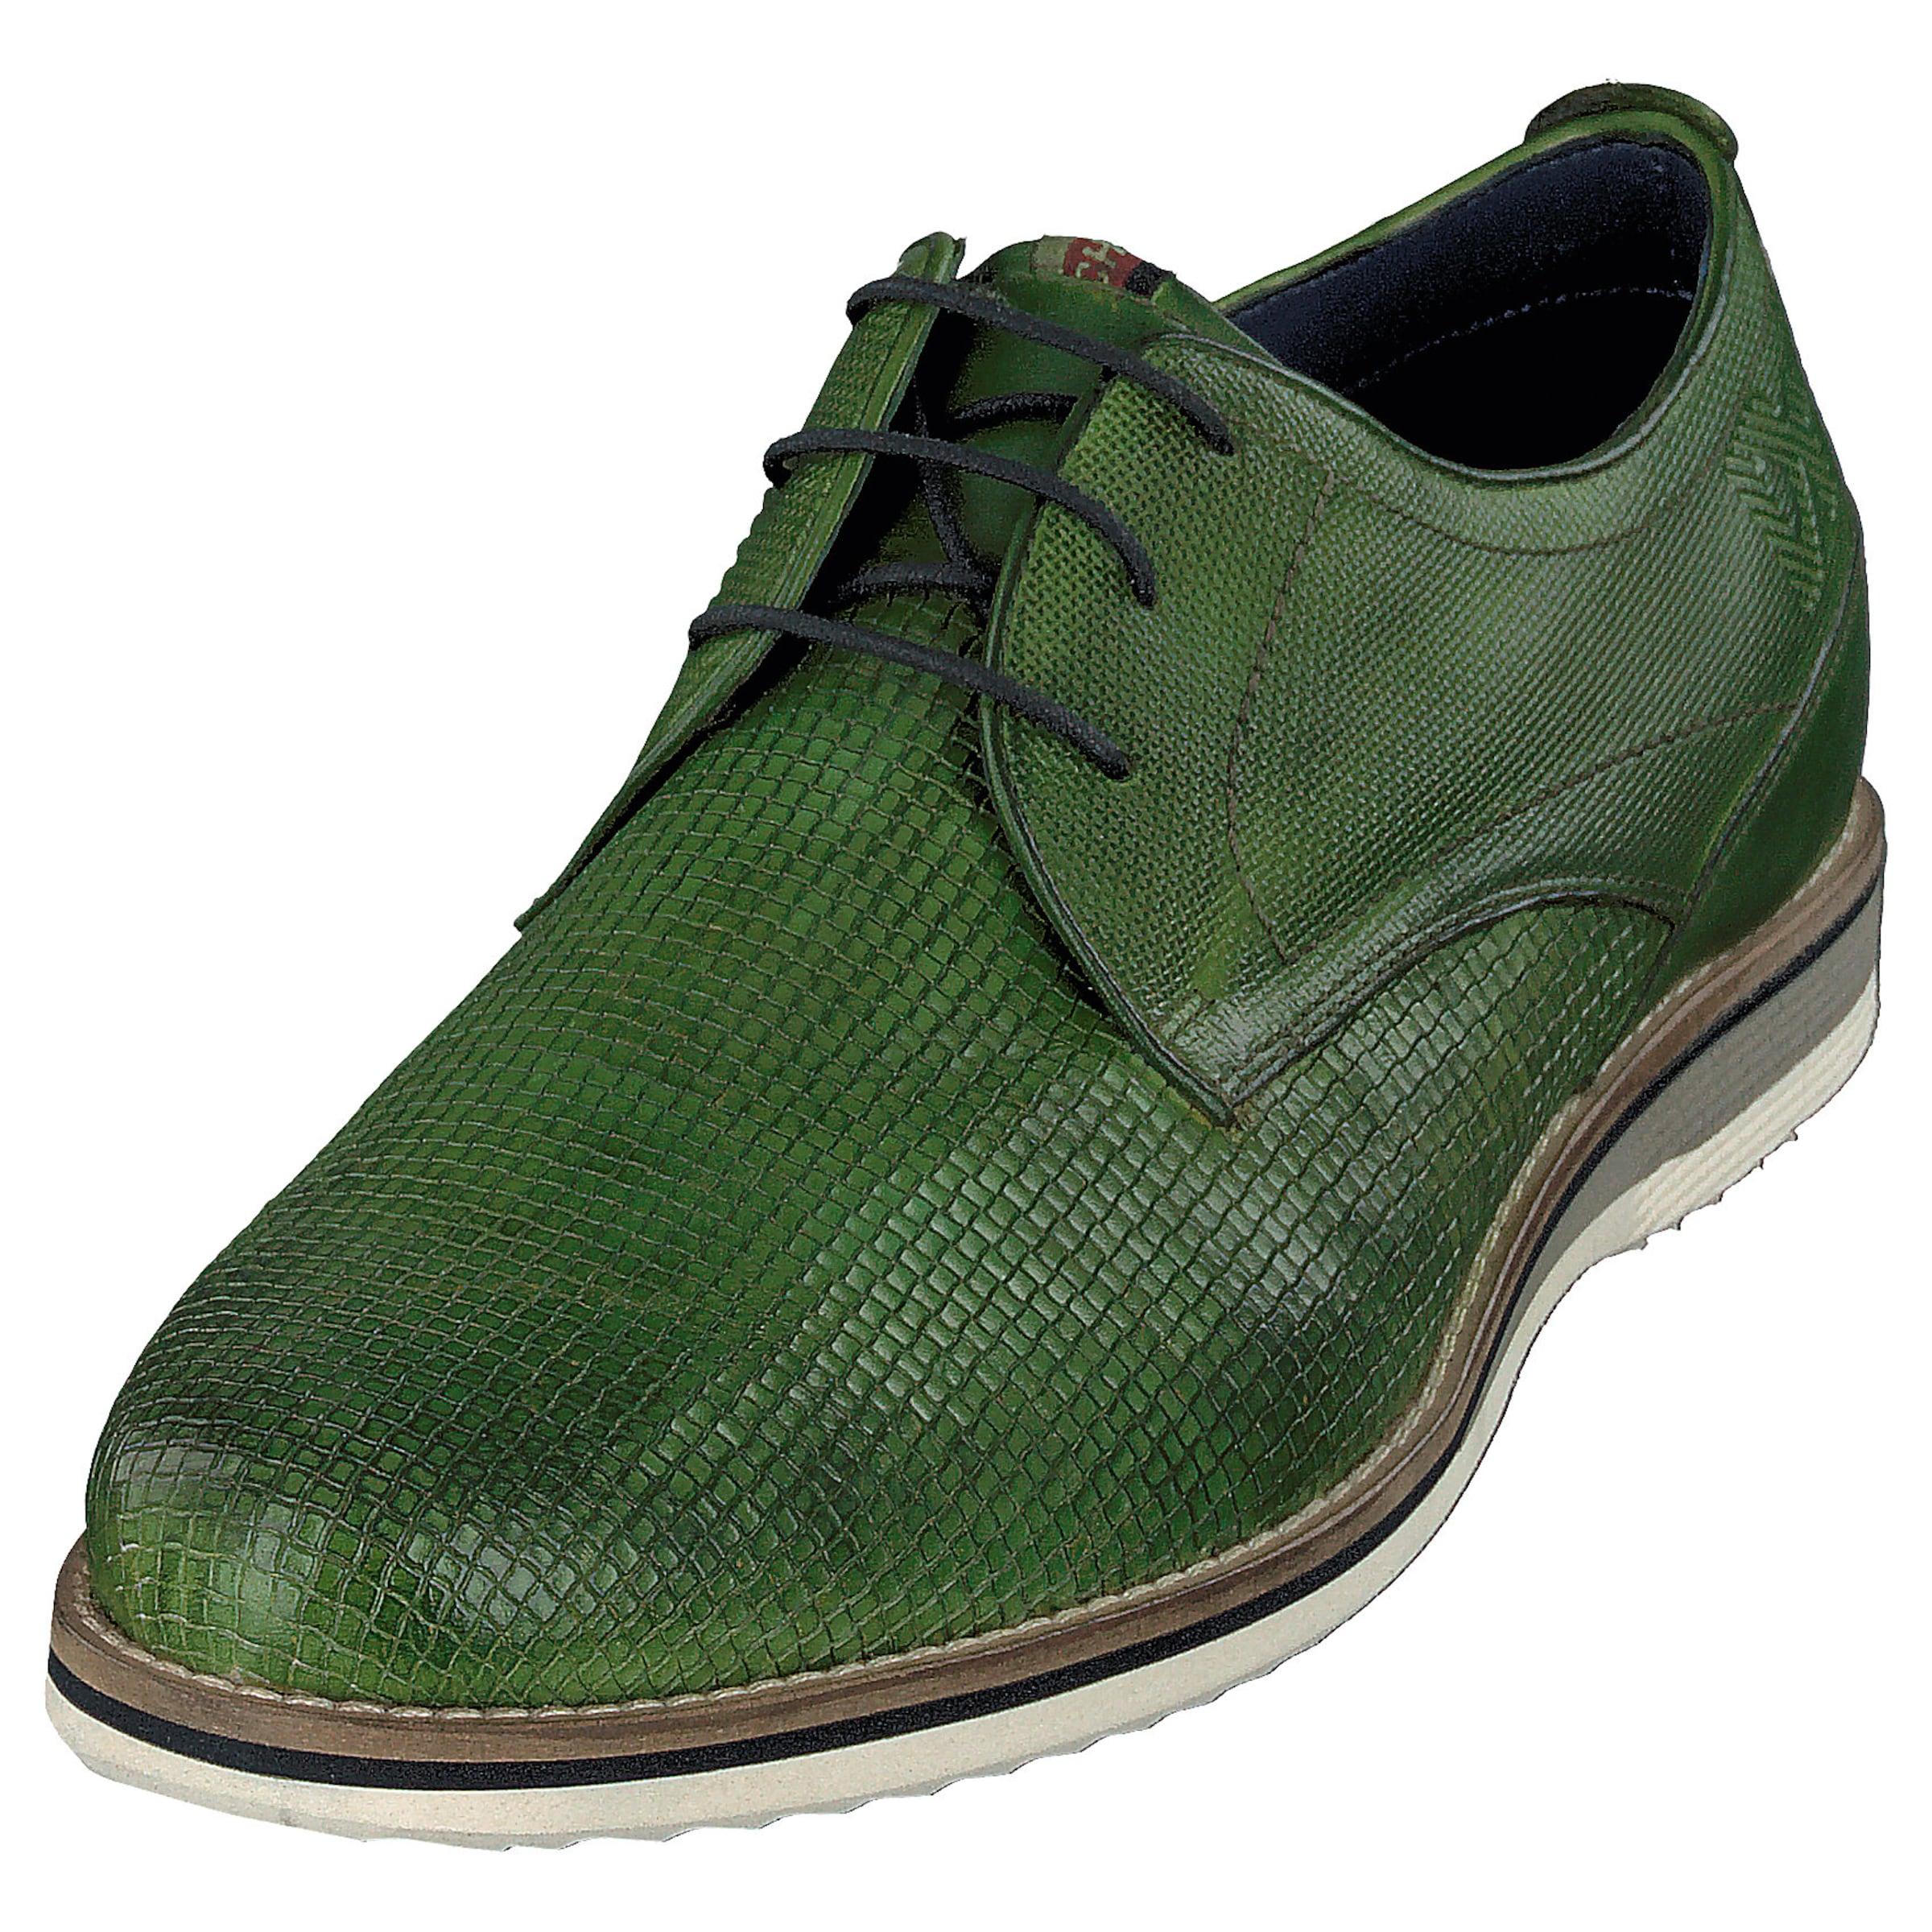 DANIEL HECHTER Schnürschuhe Günstige und langlebige Schuhe